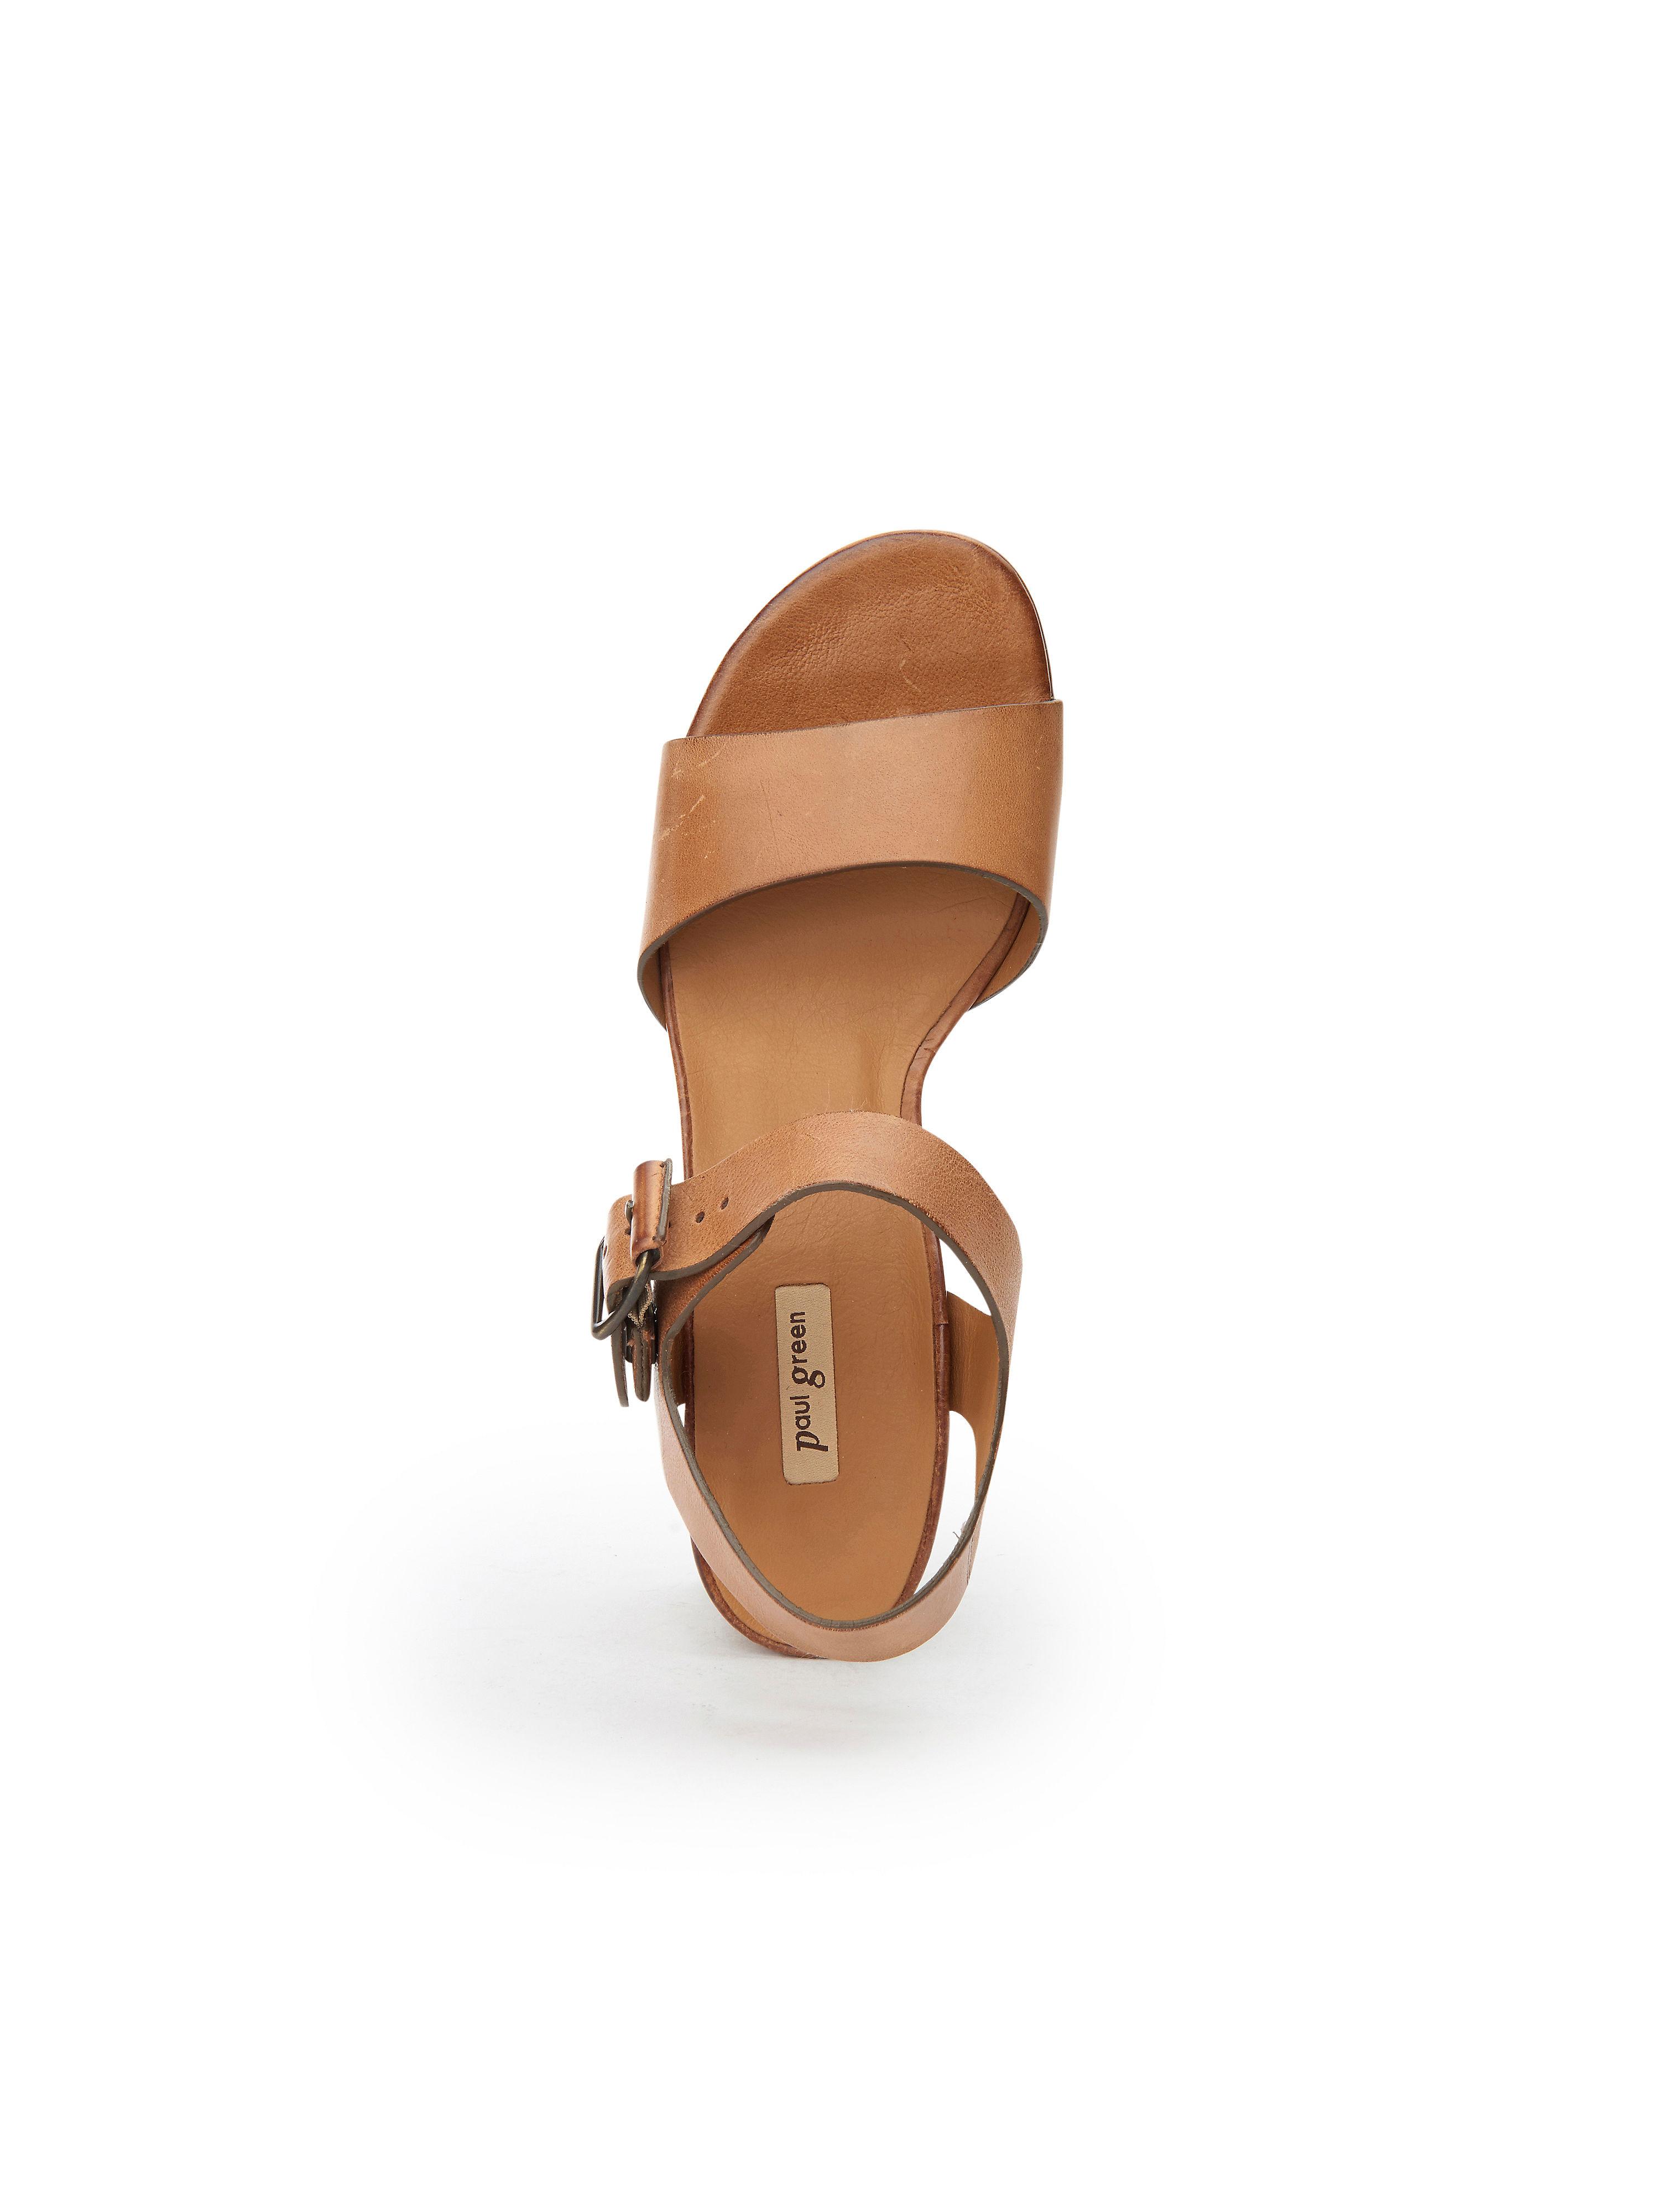 Paul Green - Sandale Cognac aus 100% Leder - Cognac Sandale Gute Qualität beliebte Schuhe 57219b